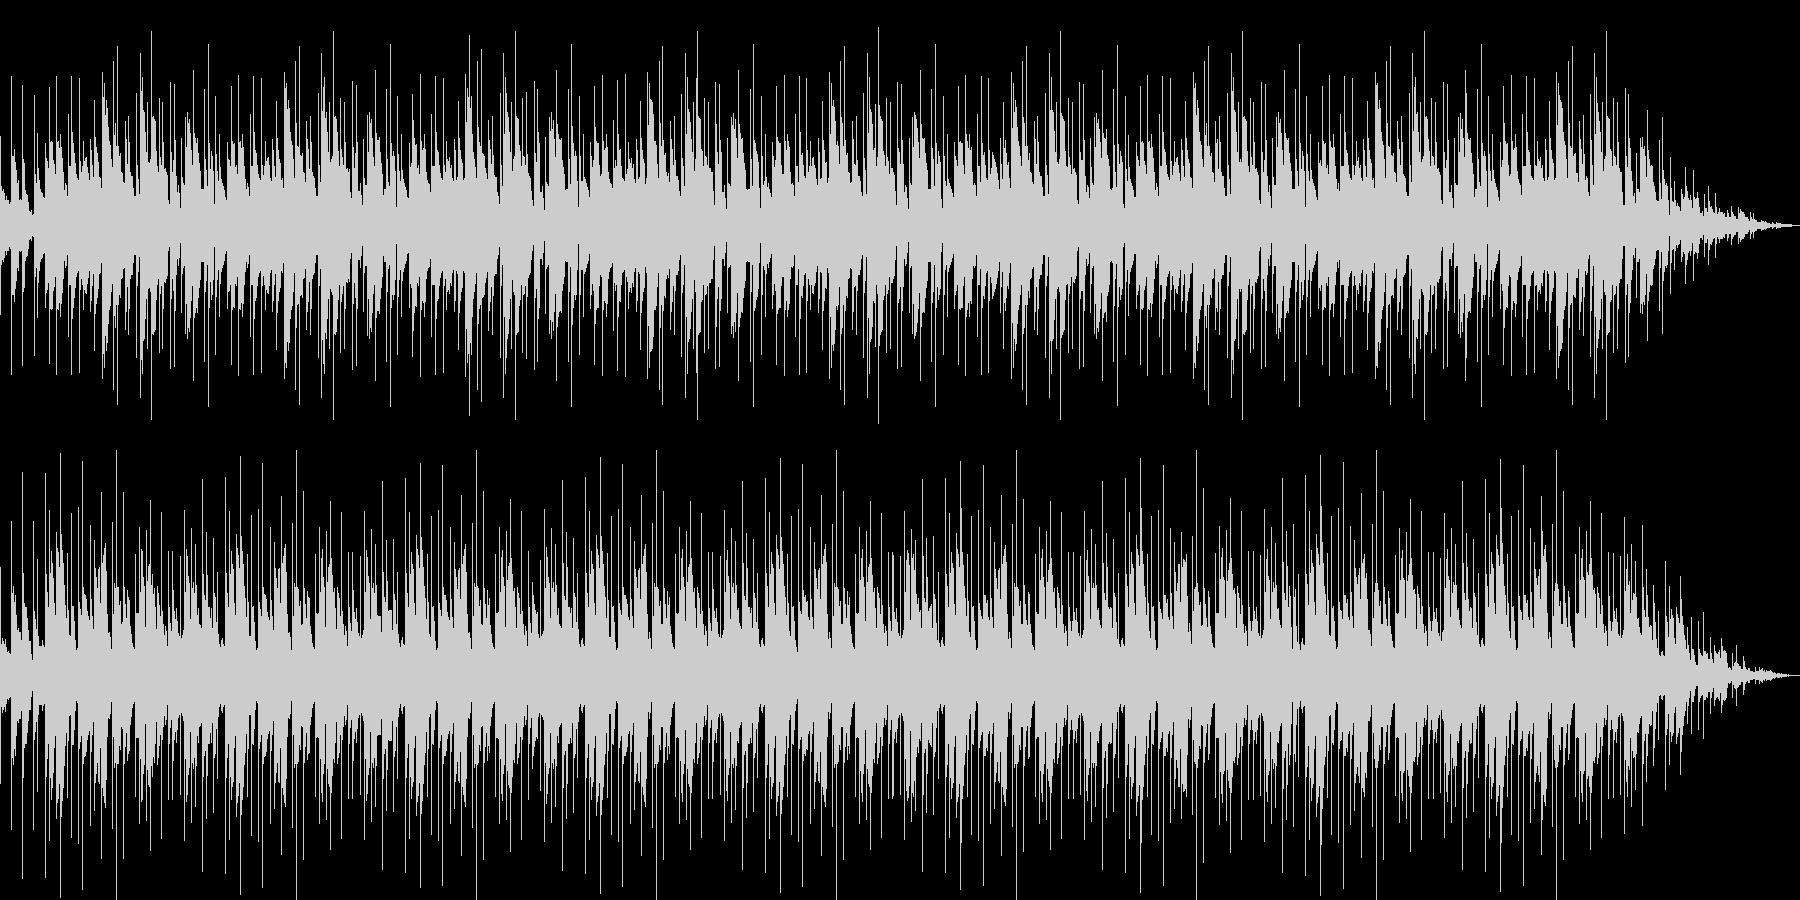 木琴を使った環境音楽の未再生の波形